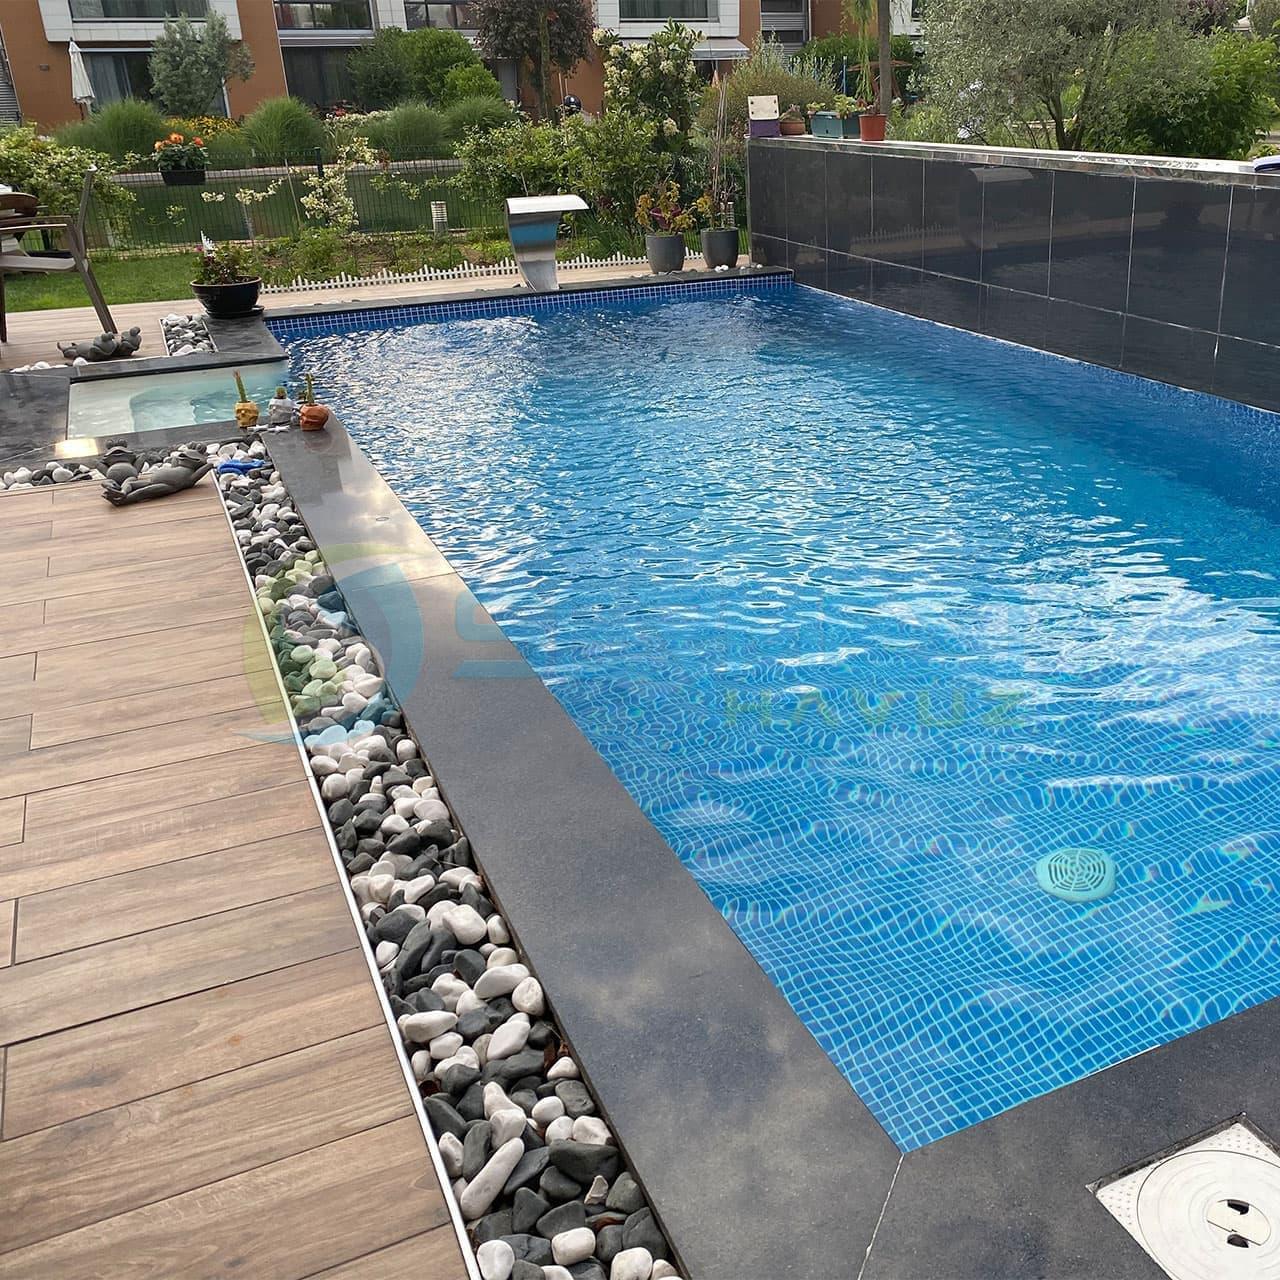 İstanbul Serhat Bey Fipool Taşmalı Panel Havuz uygulaması Sermed Havuz Firması tarafından yapıldı.